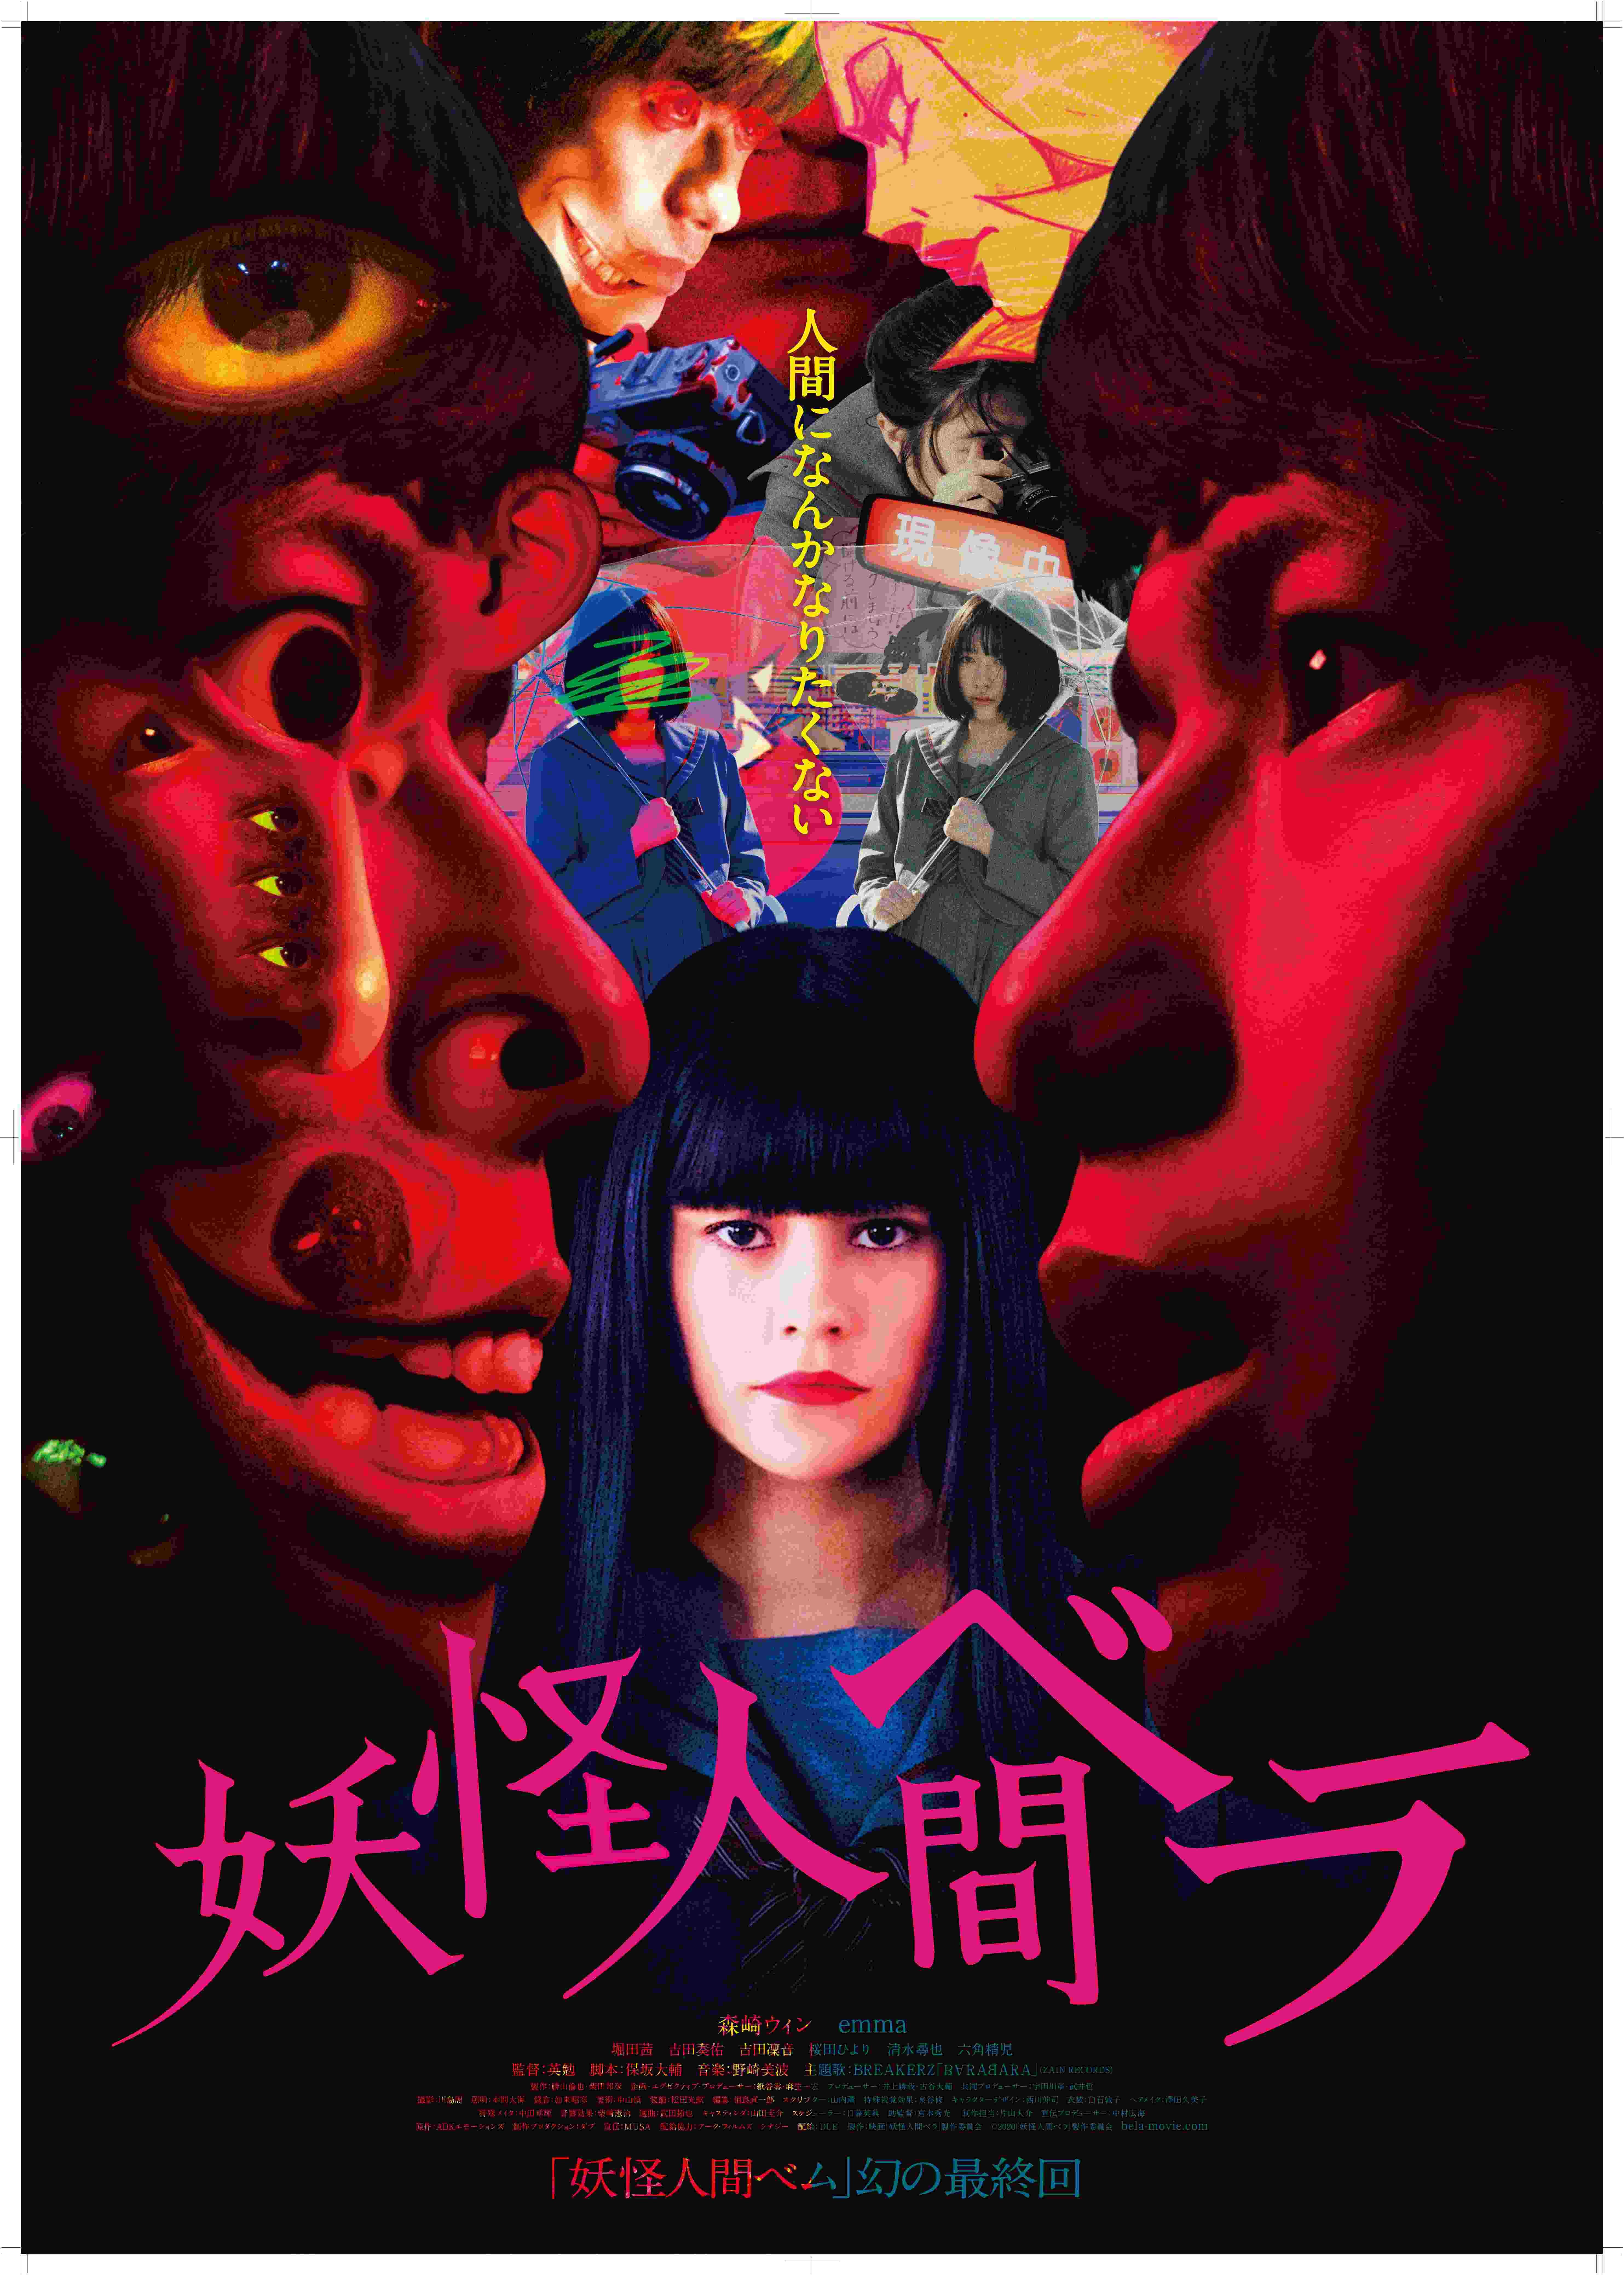 映画『妖怪人間ベラ』 (C)2020映画「妖怪人間ベラ」製作委員会